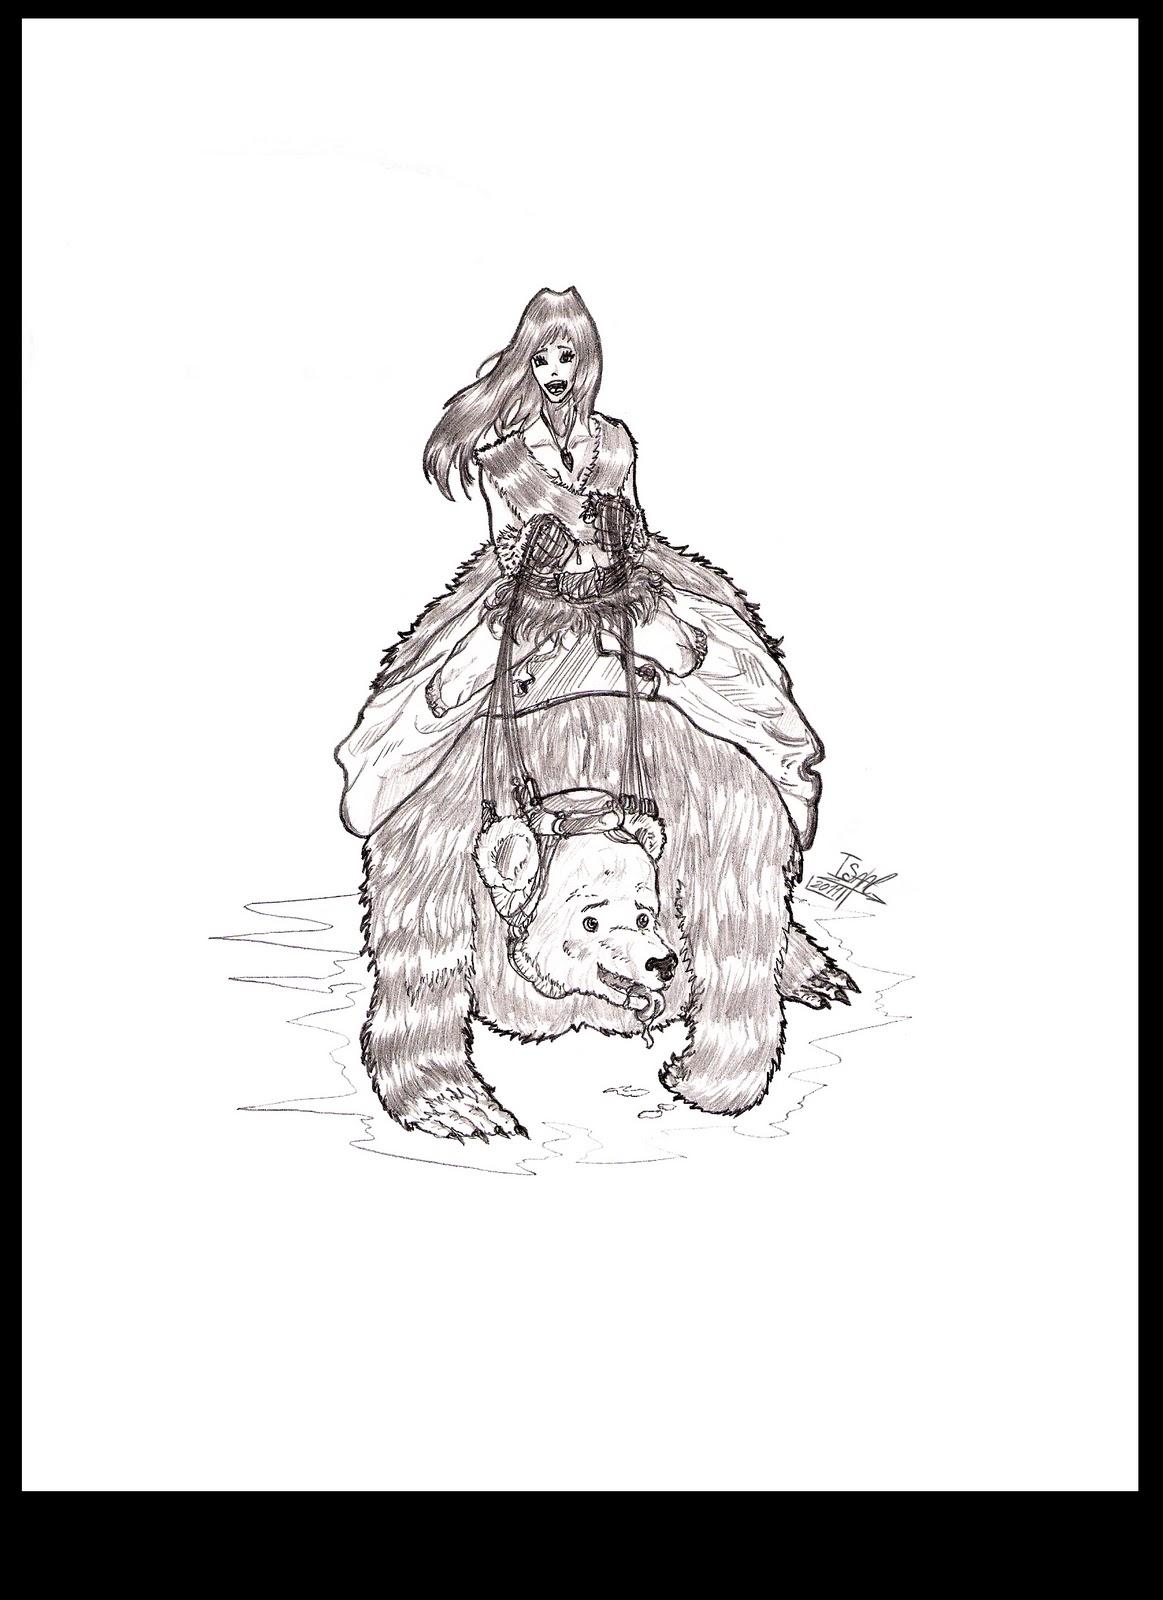 IsaacSanchez_Dibujando: CHICA Y OSO